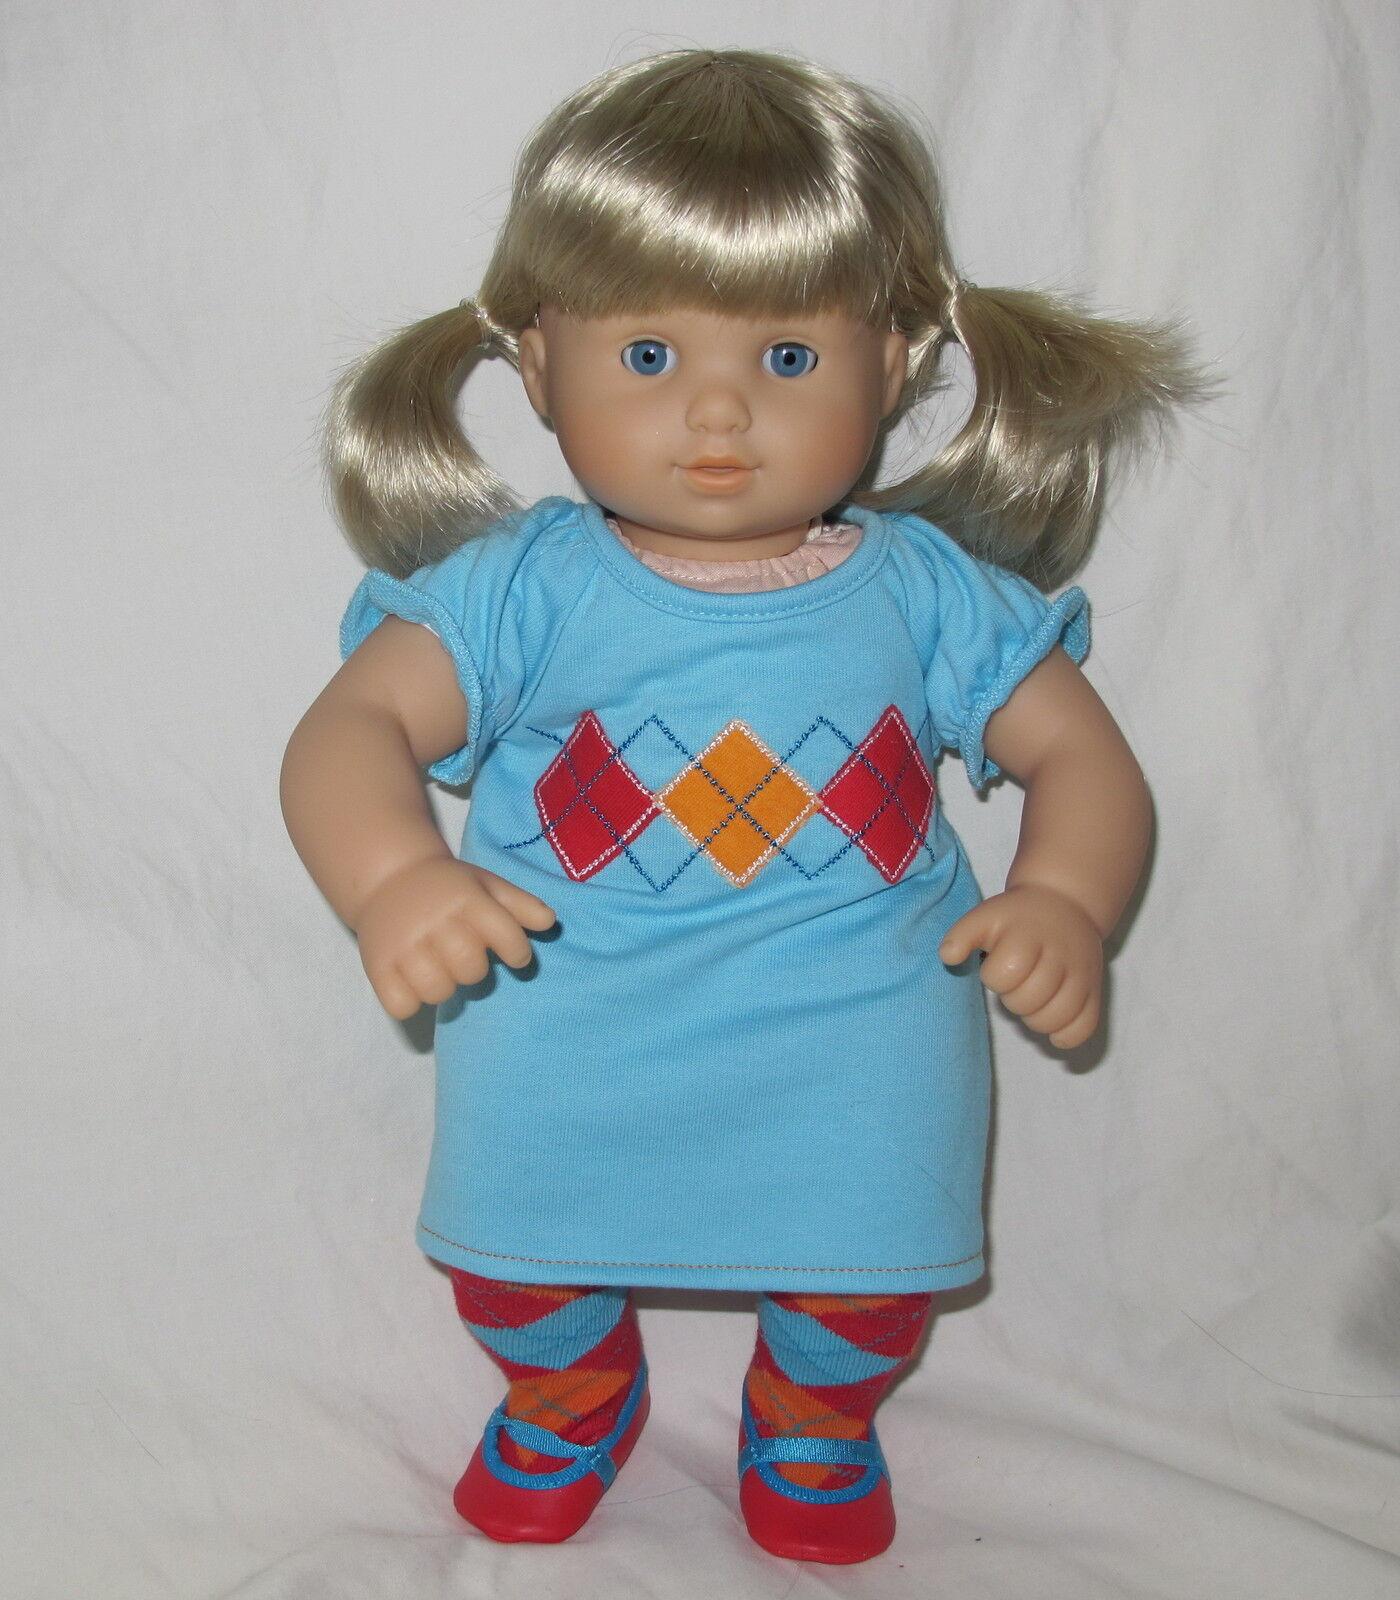 American Girl Doll Bitty gemelos Twin Girl Doll Muñeca Rubia único Nuevo